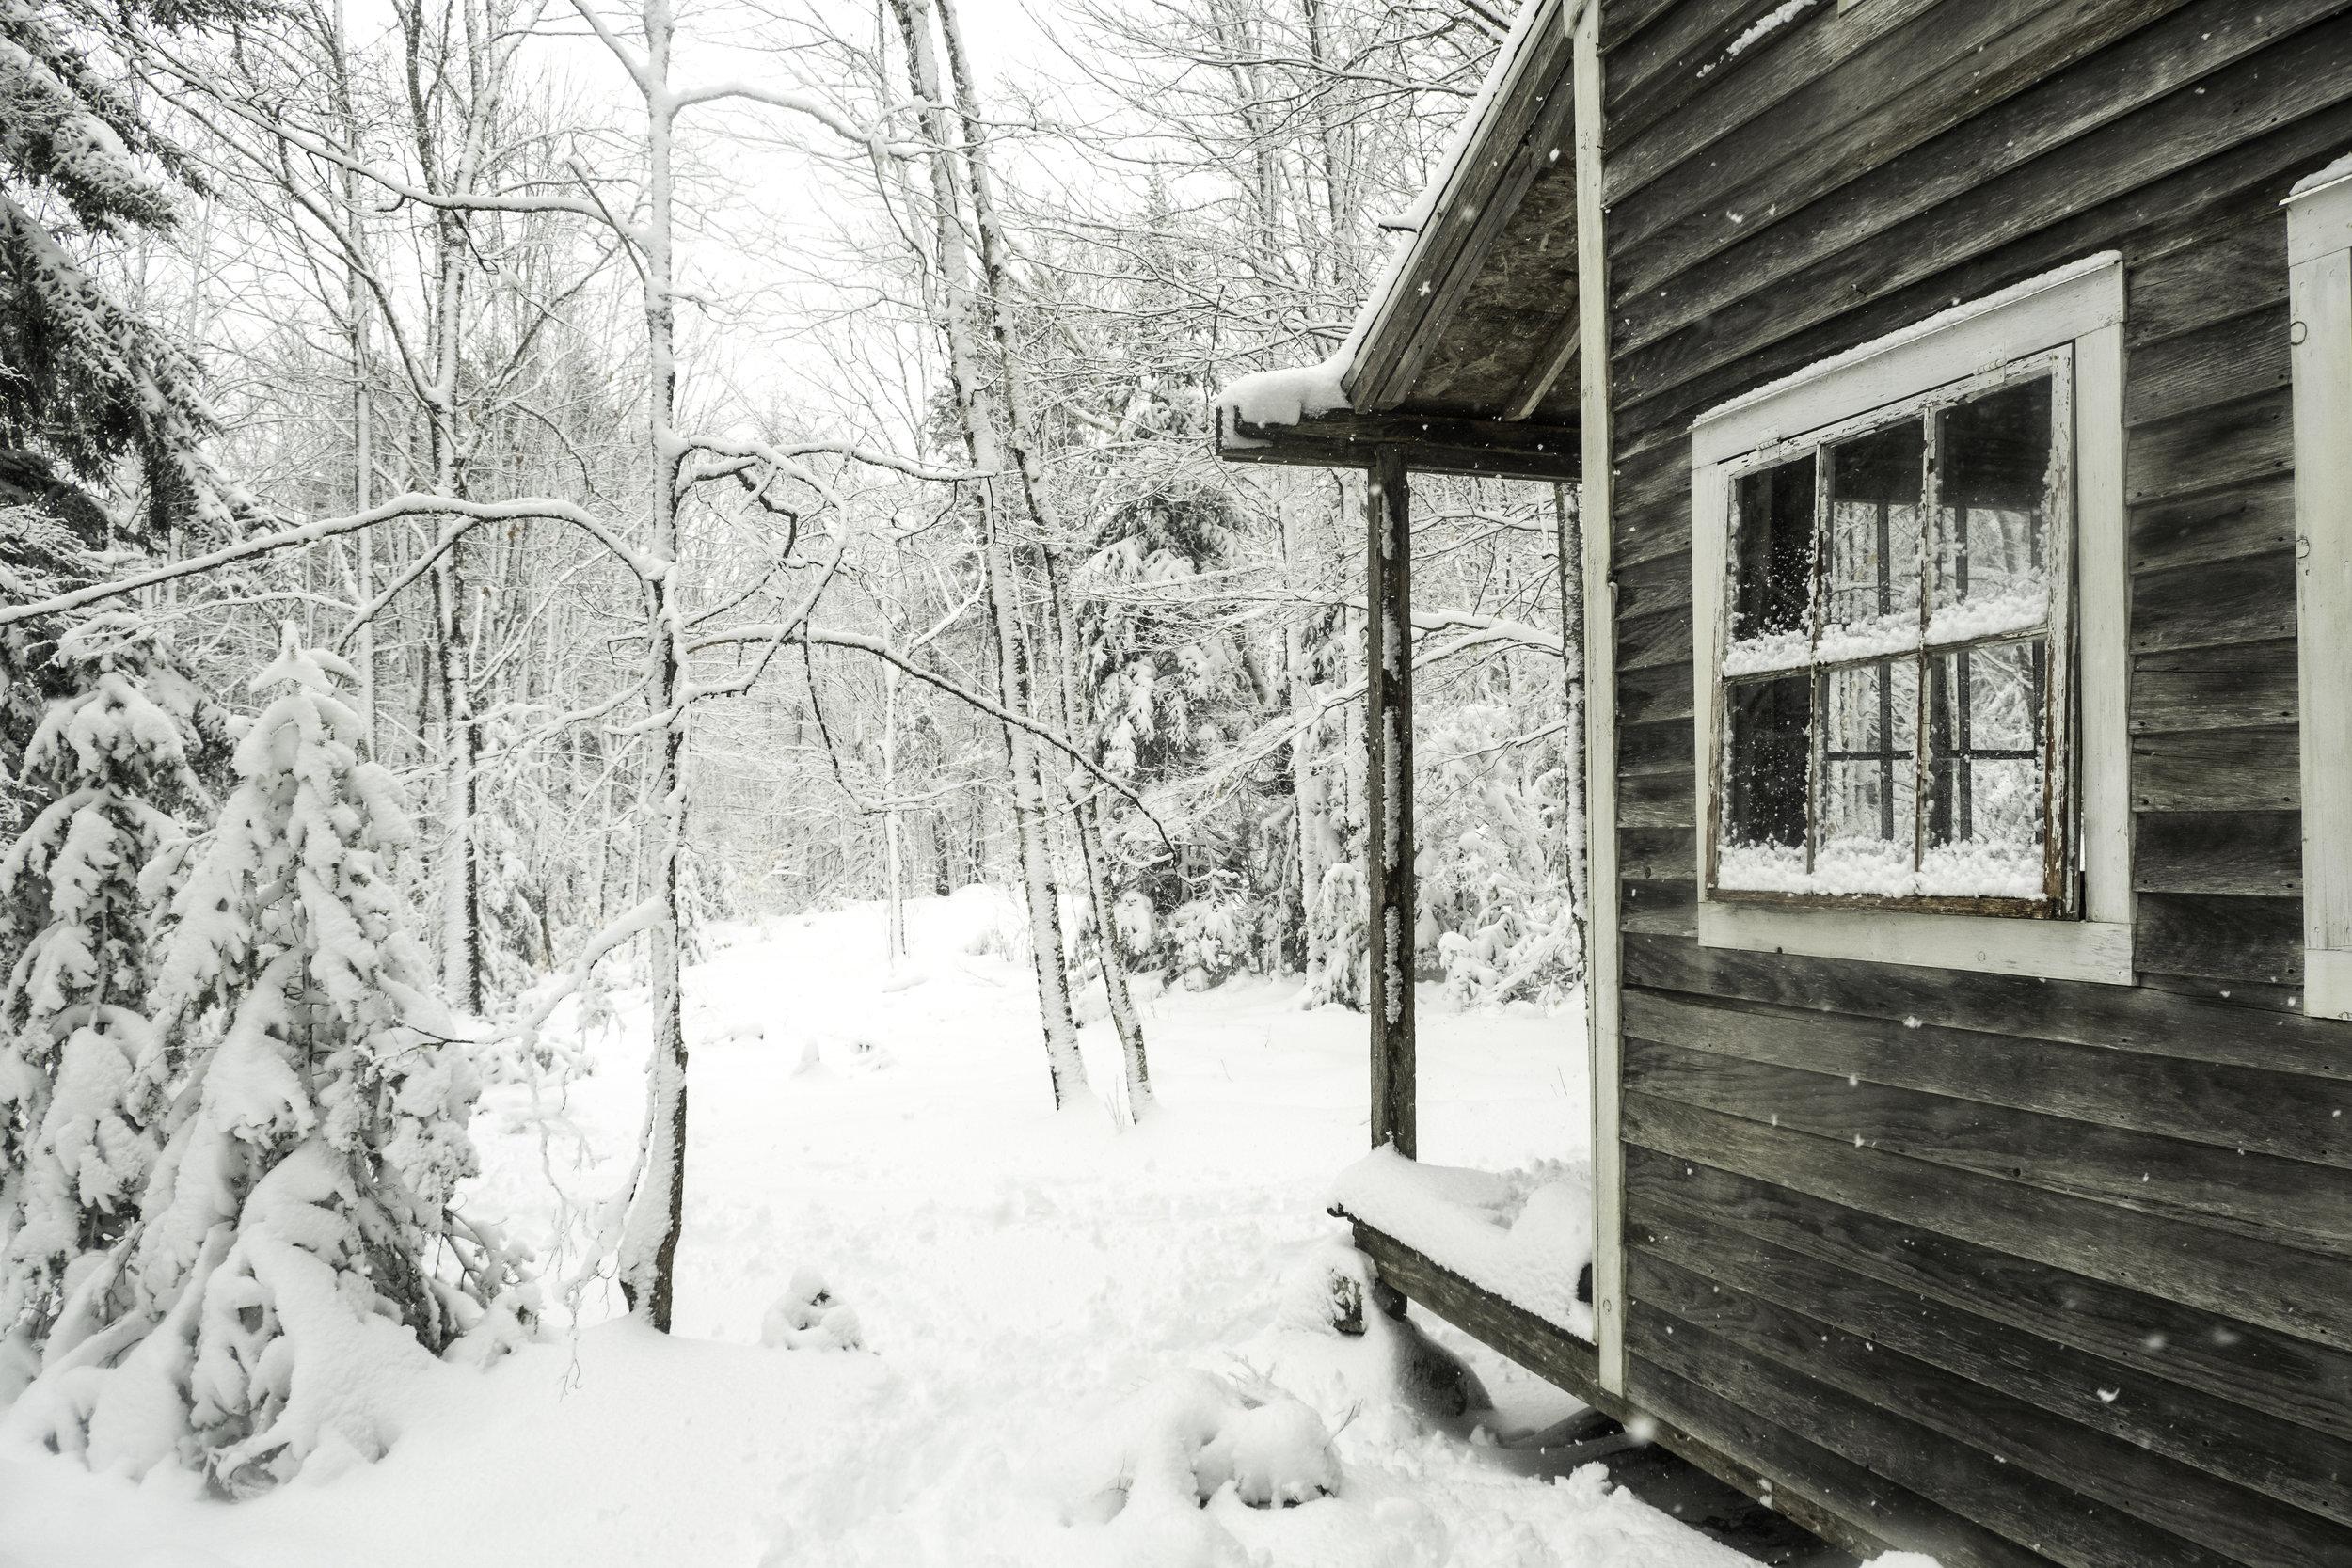 20180308_untitled_SnowStormBackyard_DSCF4451.jpg